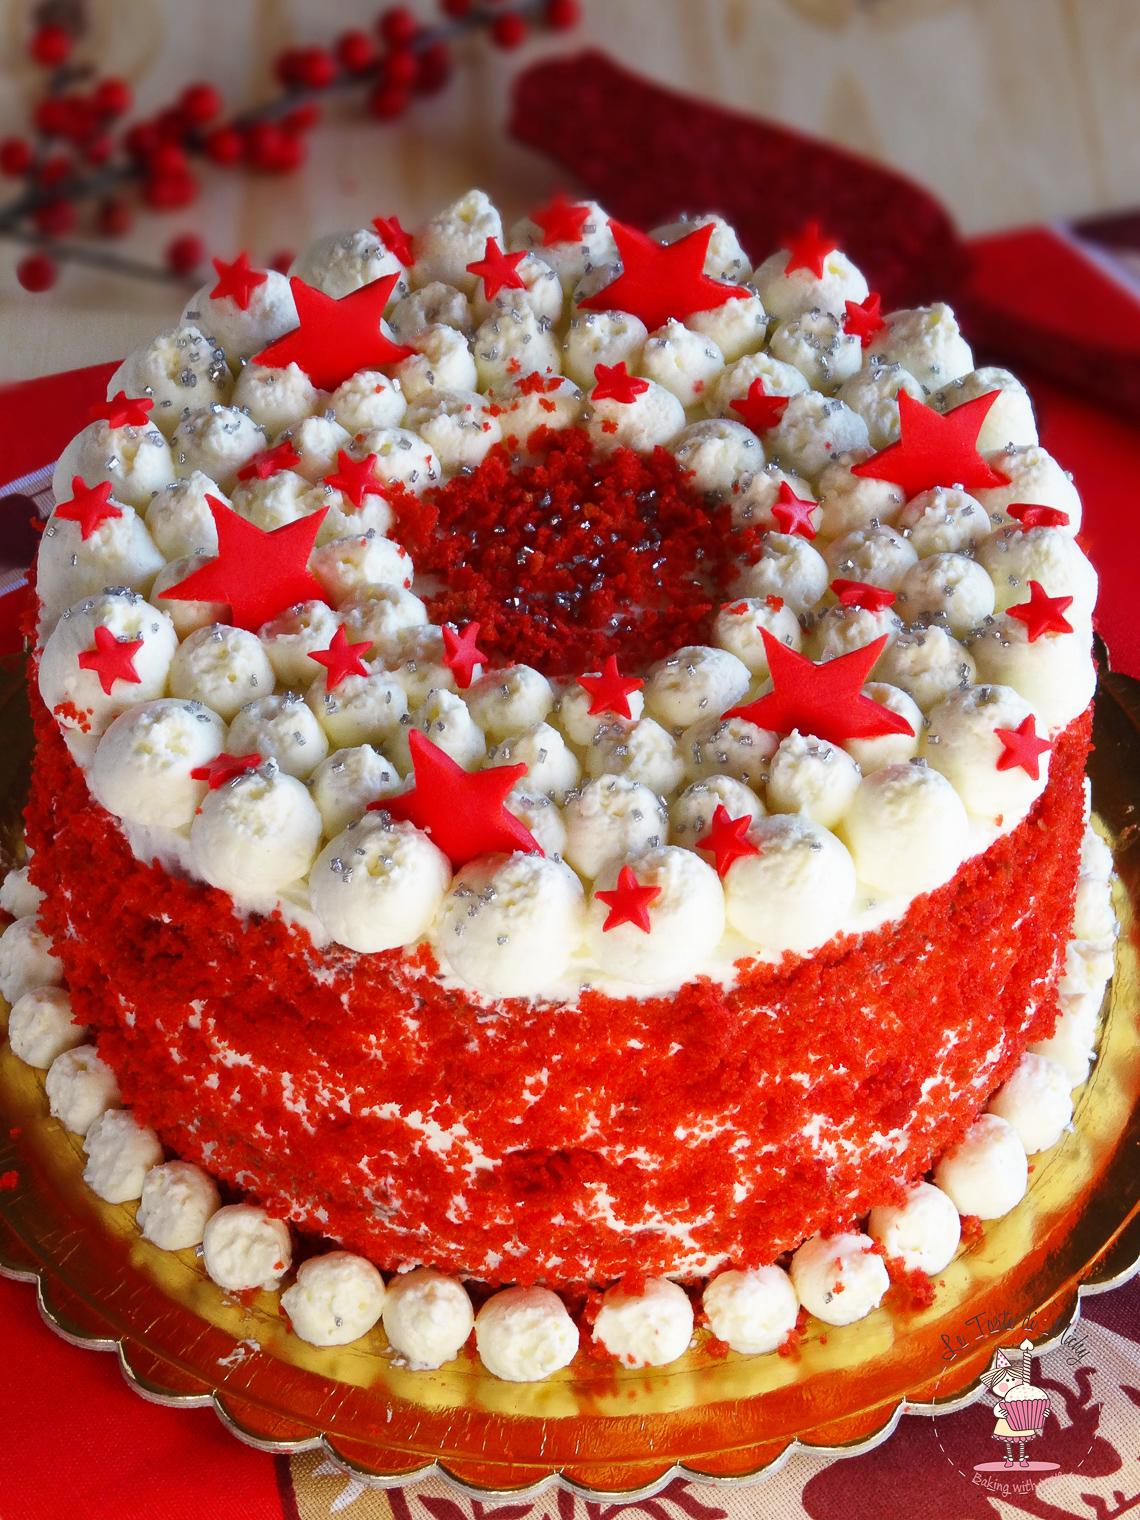 XMas Red Velvet Cake